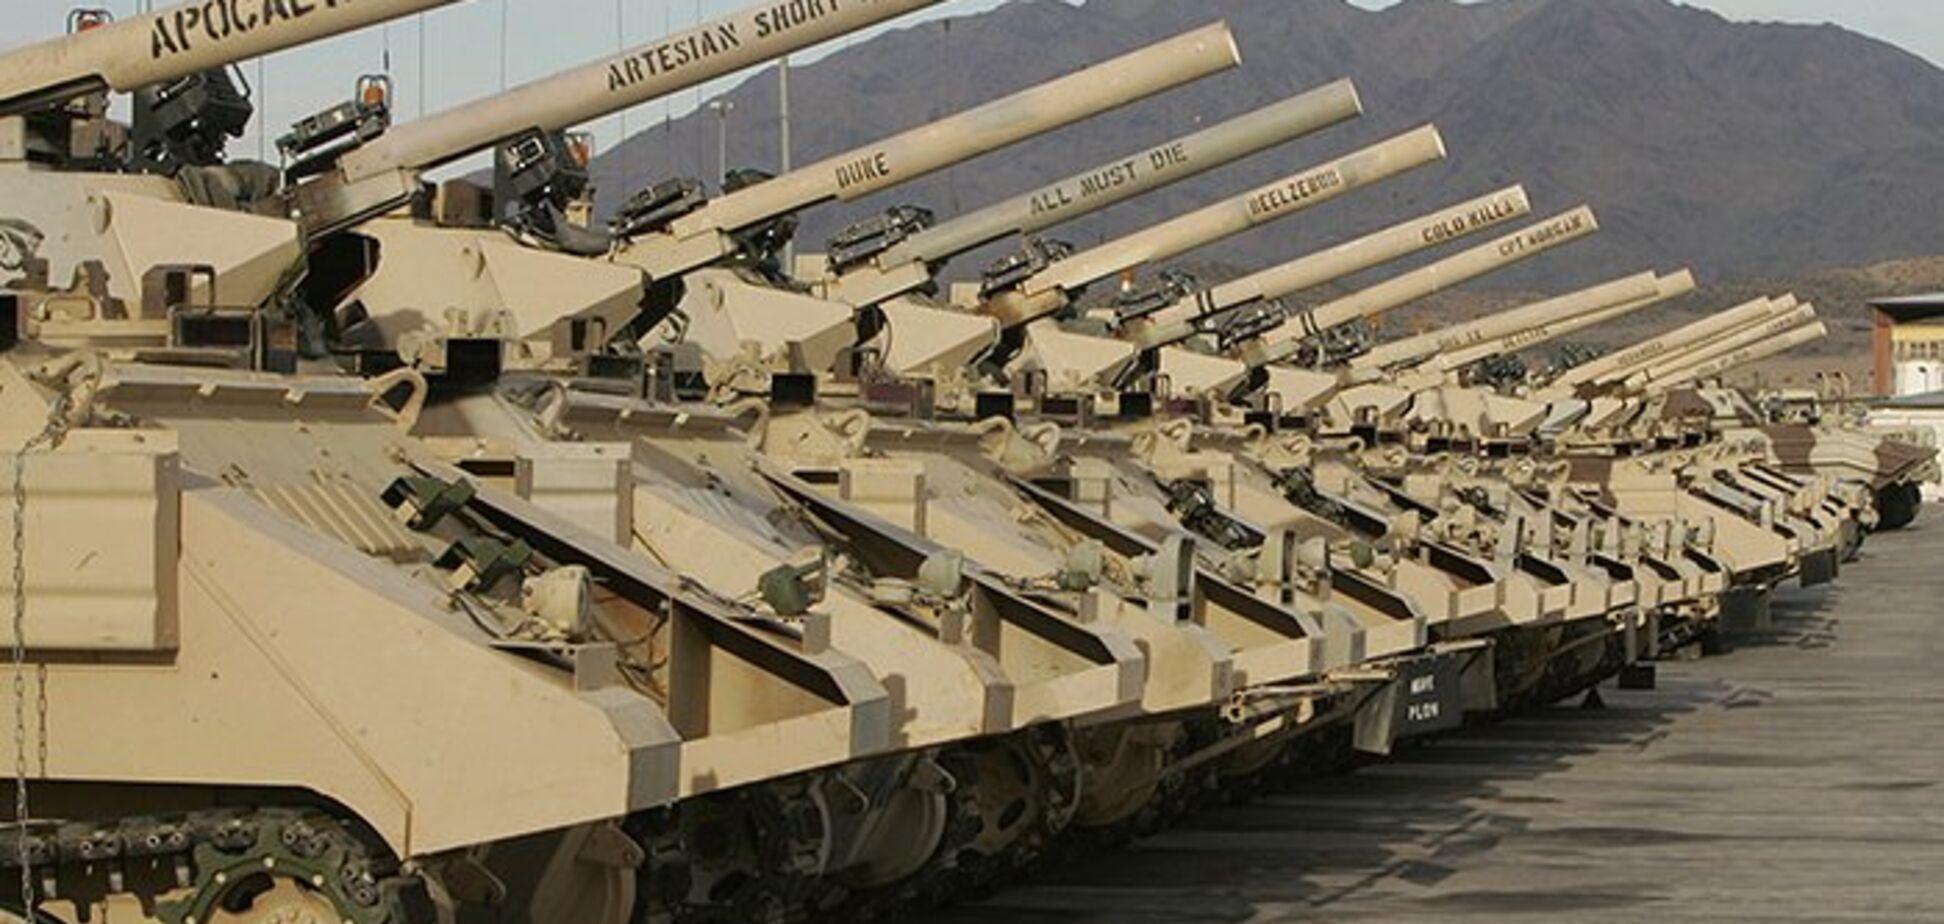 Воєнний стан дозволяє: в Україні анонсували поставки зброї із країн НАТО